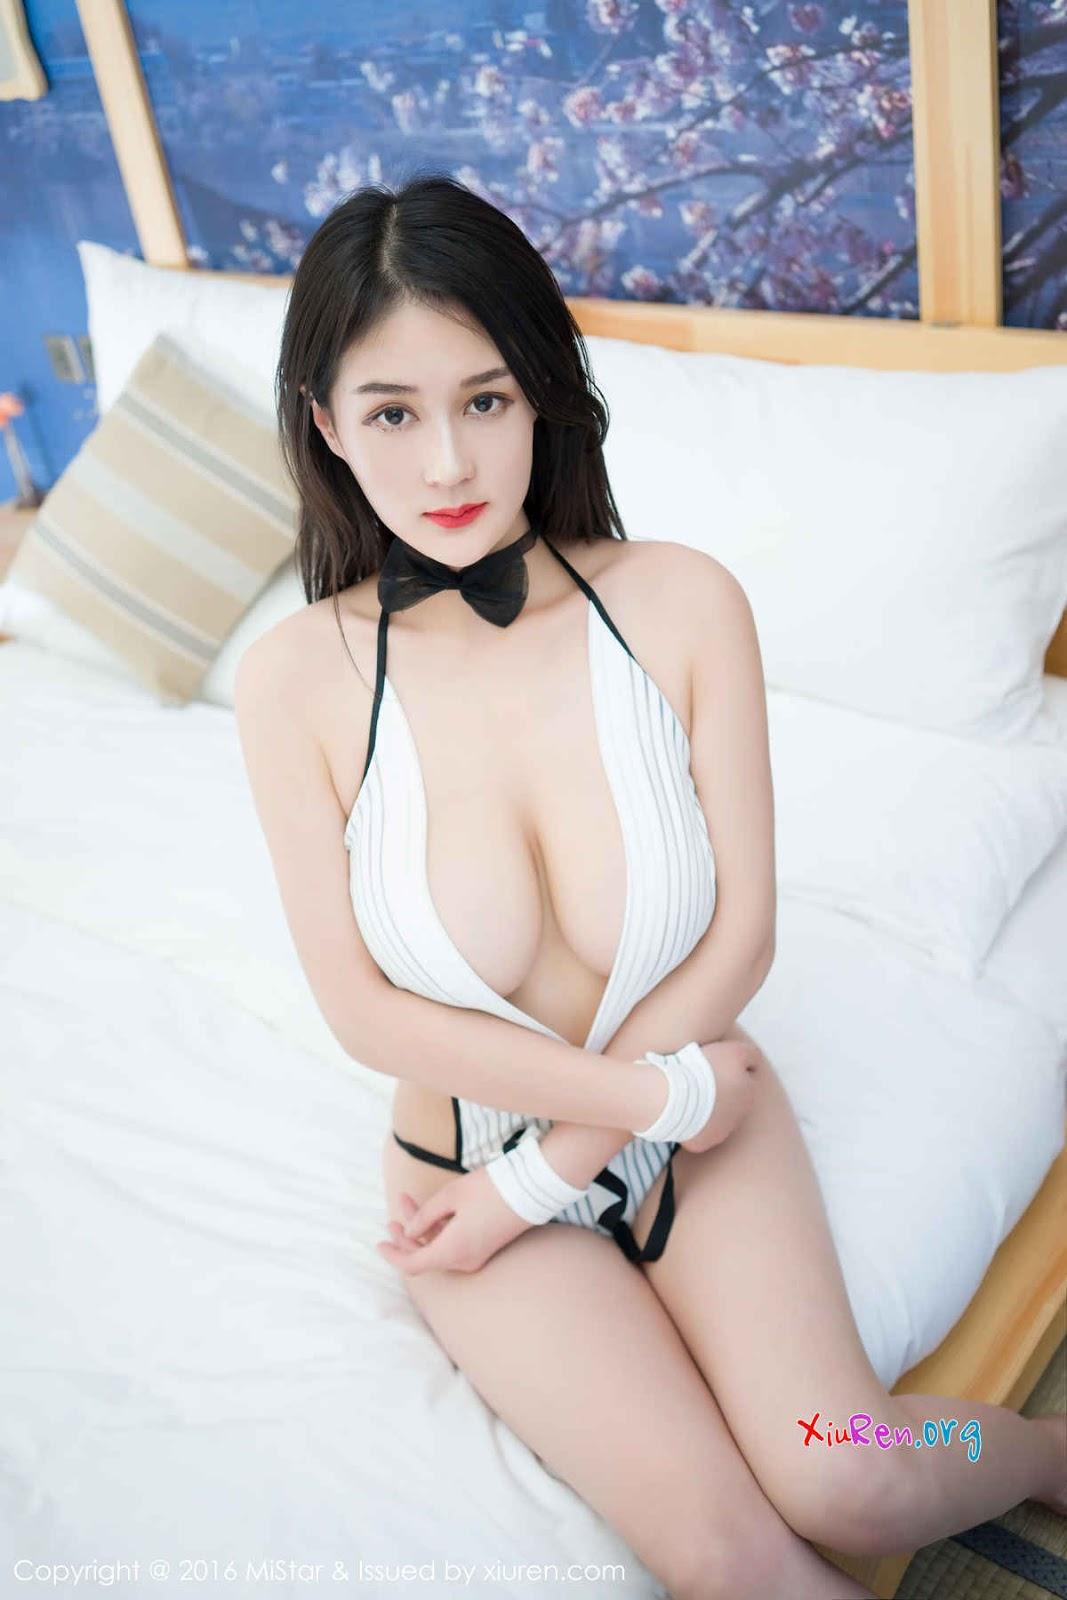 Gái xinh ngực bự mặc nội y không thể nhỏ hơn